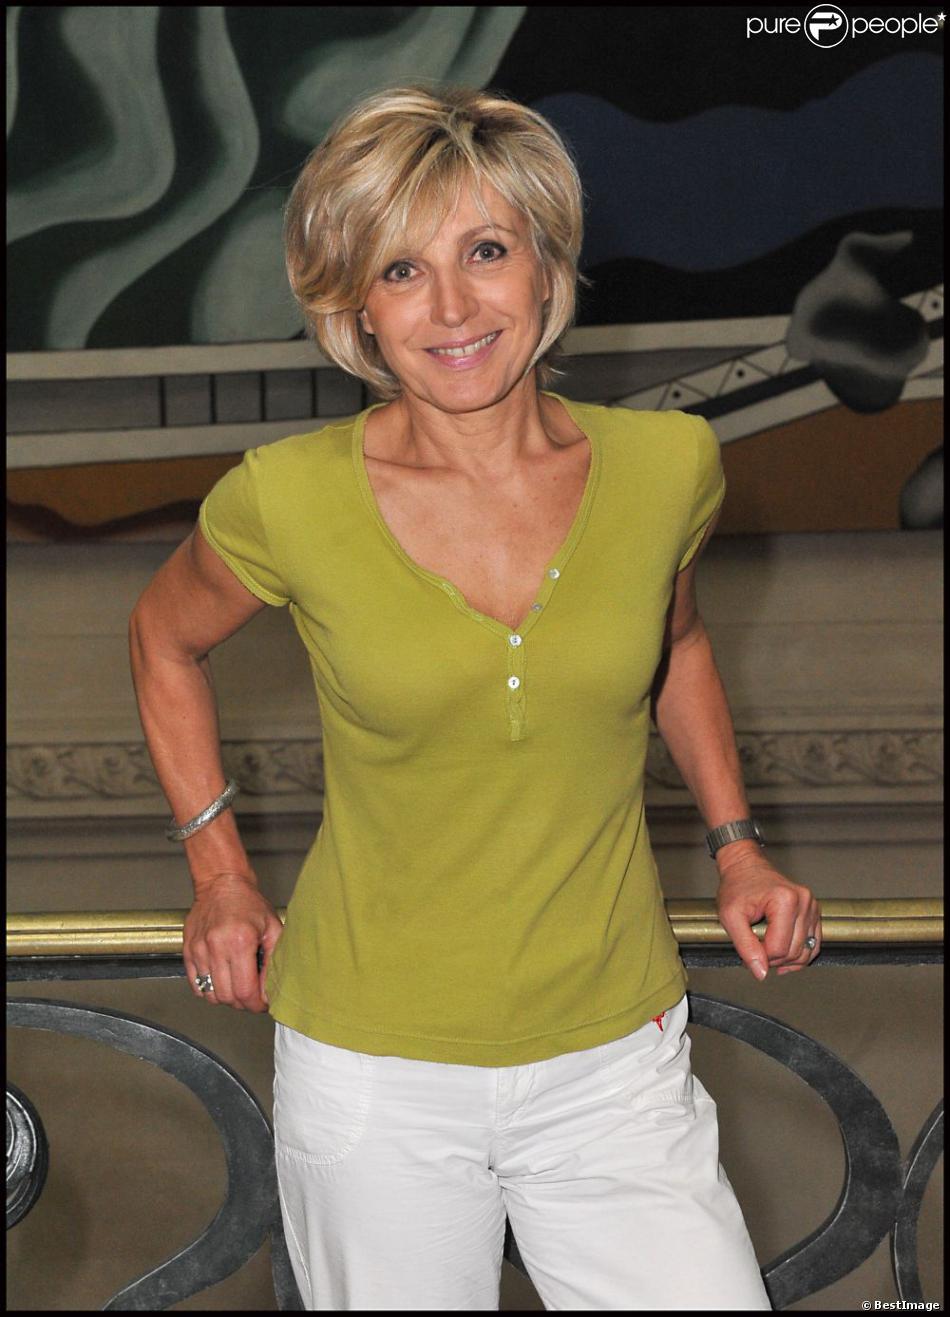 Evelyne dh liat paris le 2 octobre 2011 - Age de evelyne delhia ...